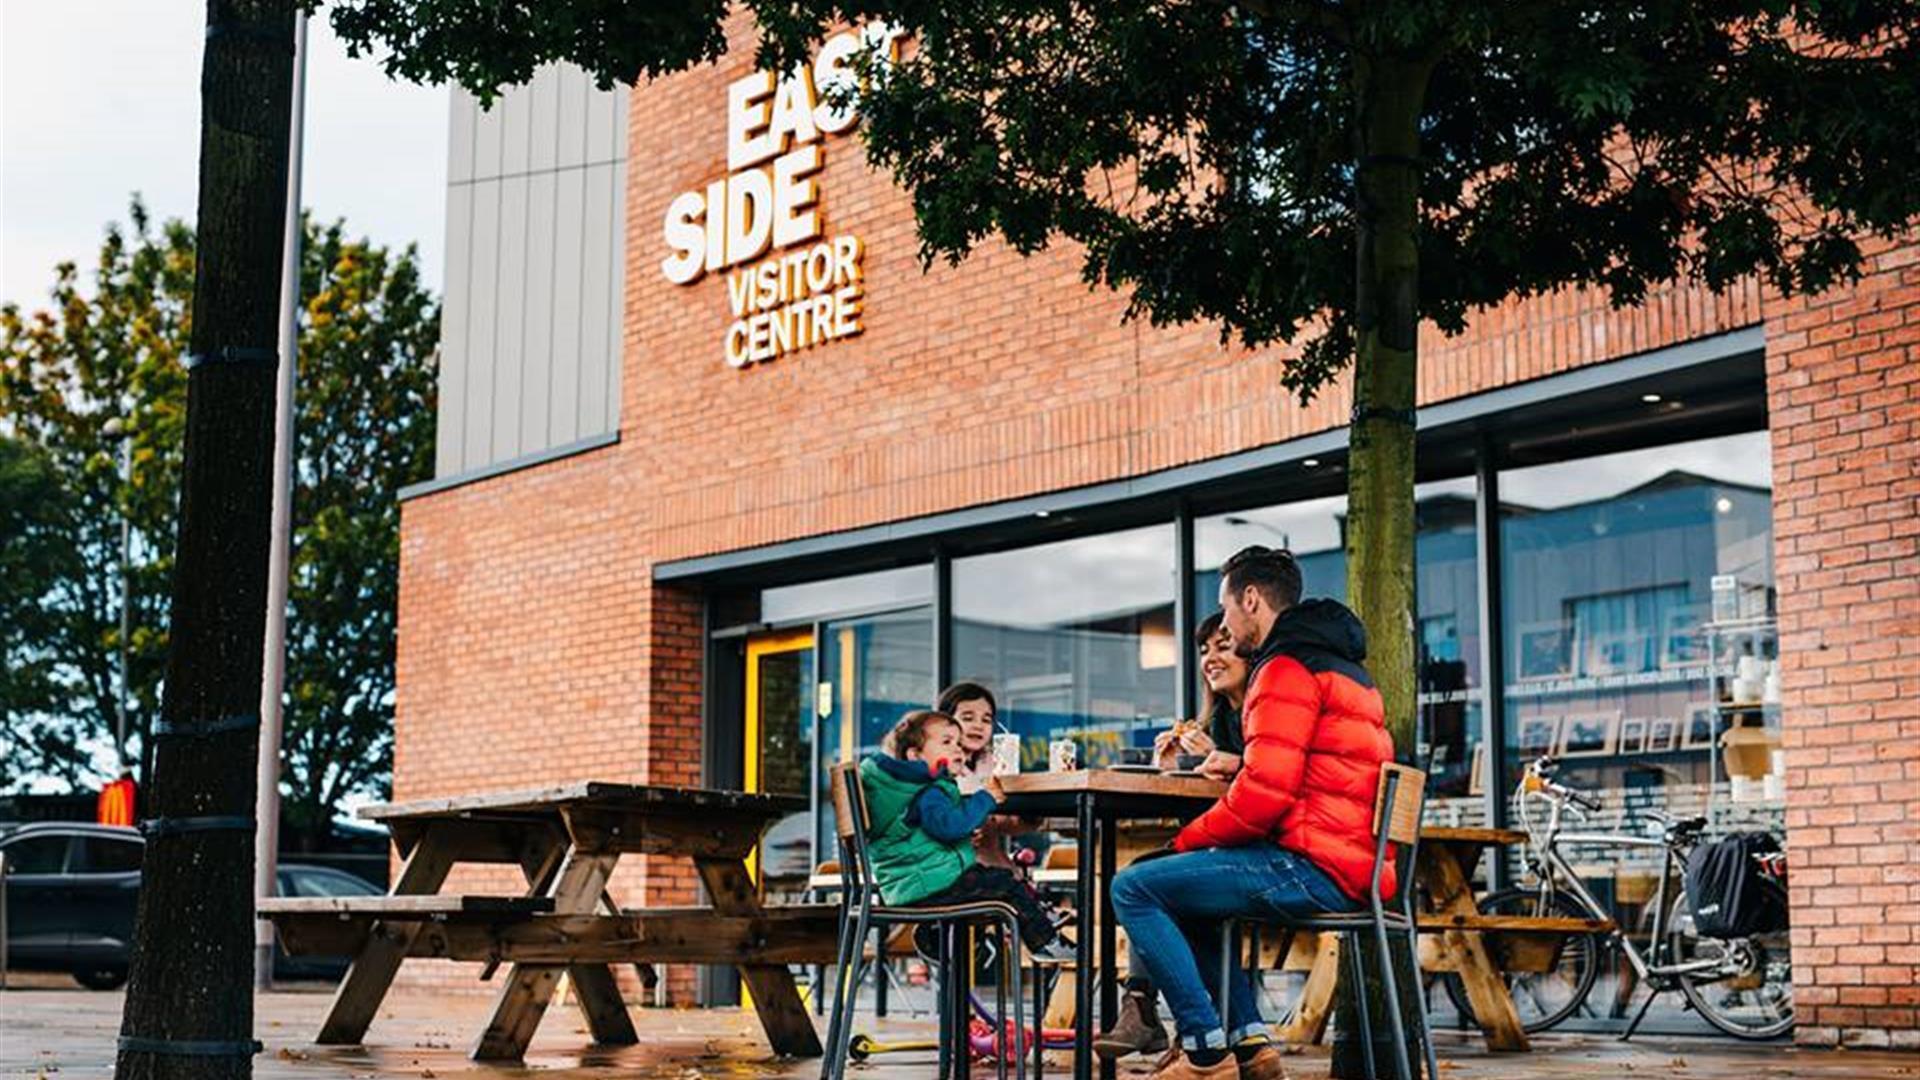 EastSide Visitor Centre